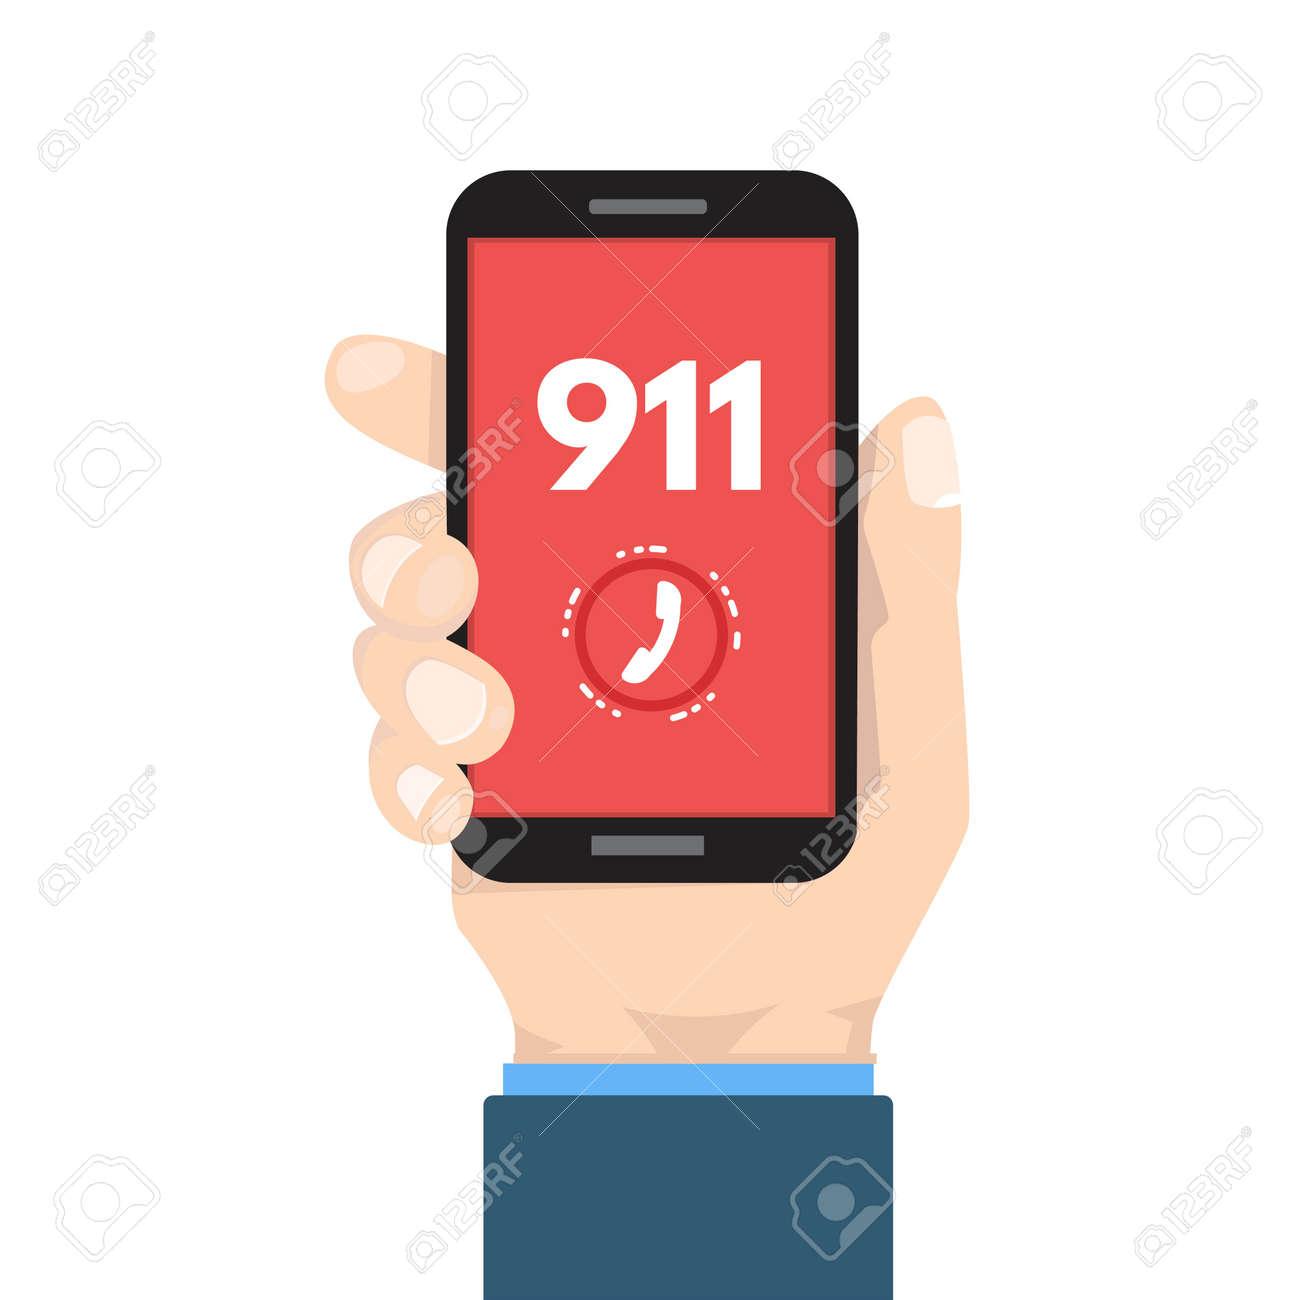 呼び出し、911 緊急電話は手で電...